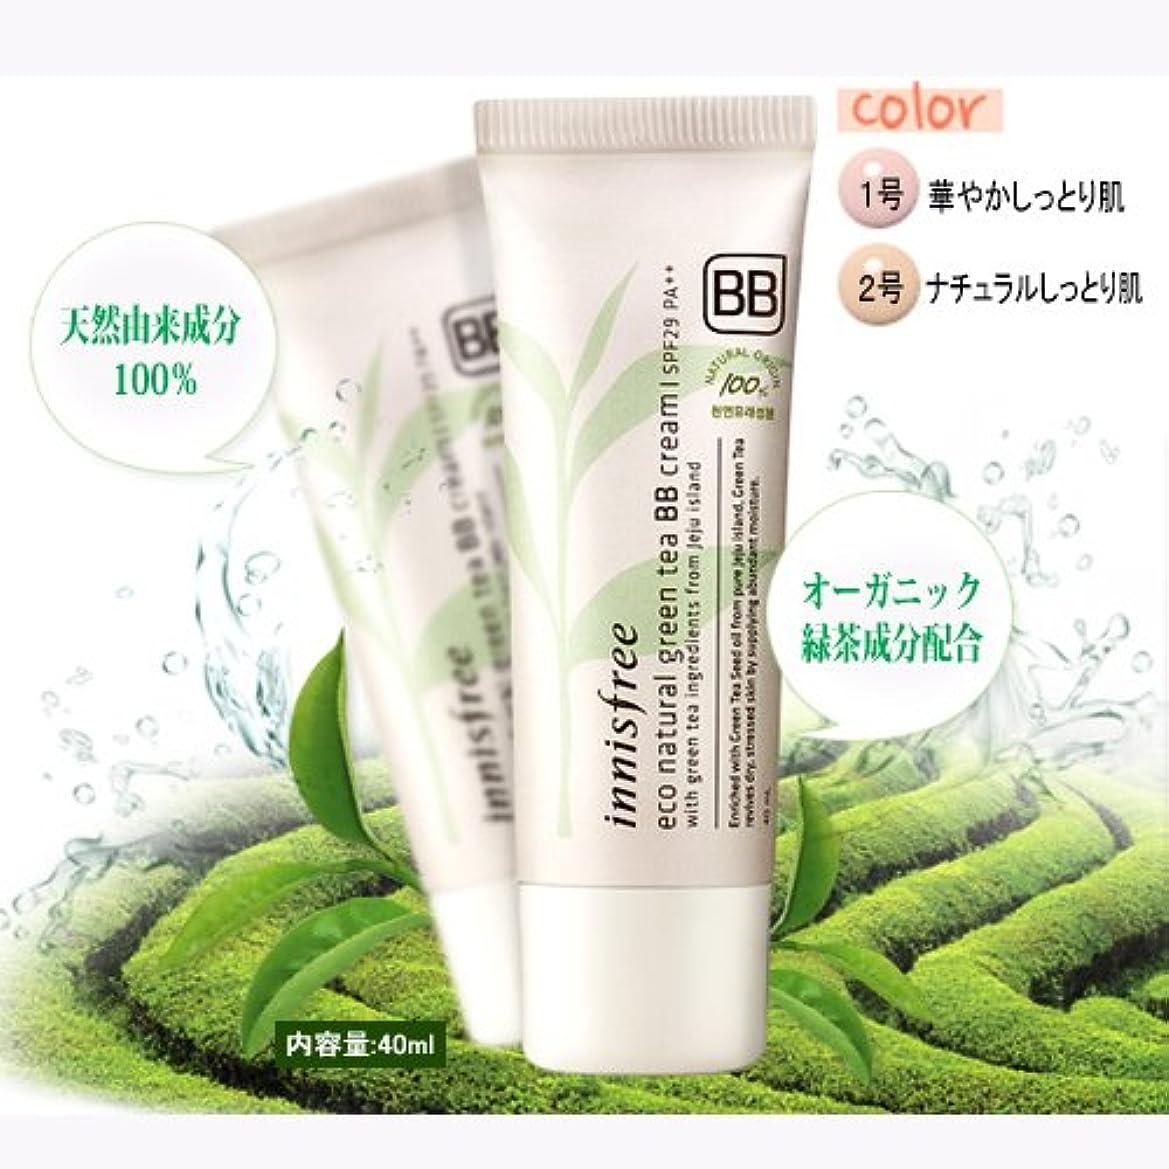 オーナメント食器棚集計innisfree/イニスフリー Eco Natural Green Tea BB Cream #02/エコナチュラルグリーンティーBBクリームナチュラルなしっとりお肌 SPF29PA++40ml